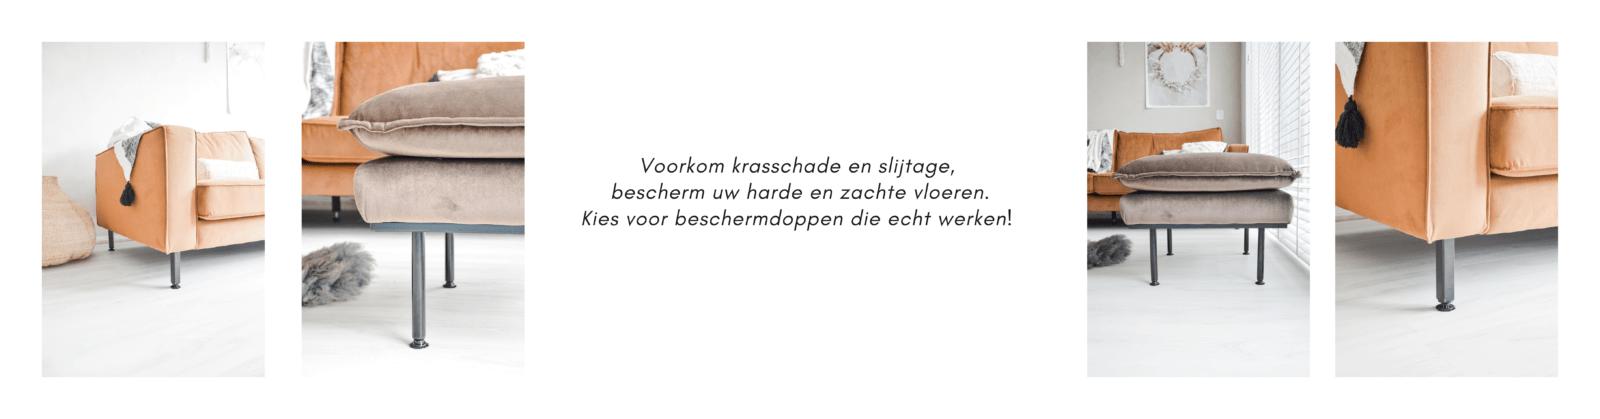 Scratch no More 12 | Van Tol Vloeren